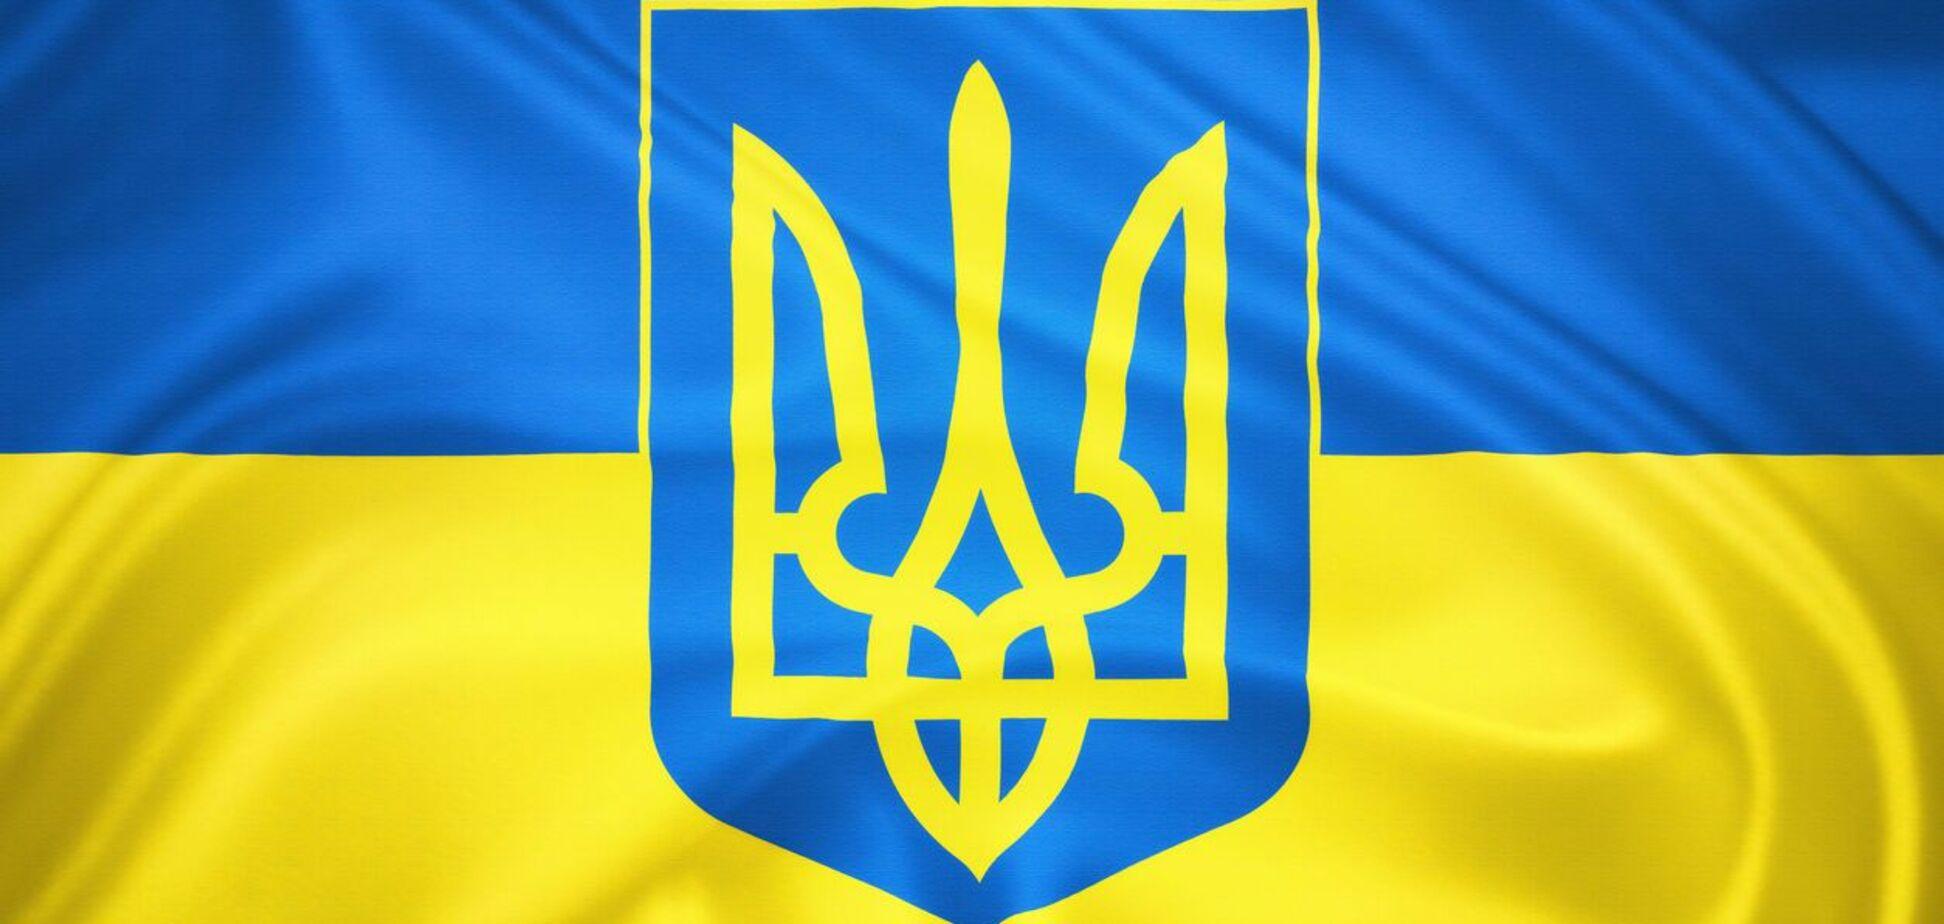 День державного герба України відзначається 19 лютого